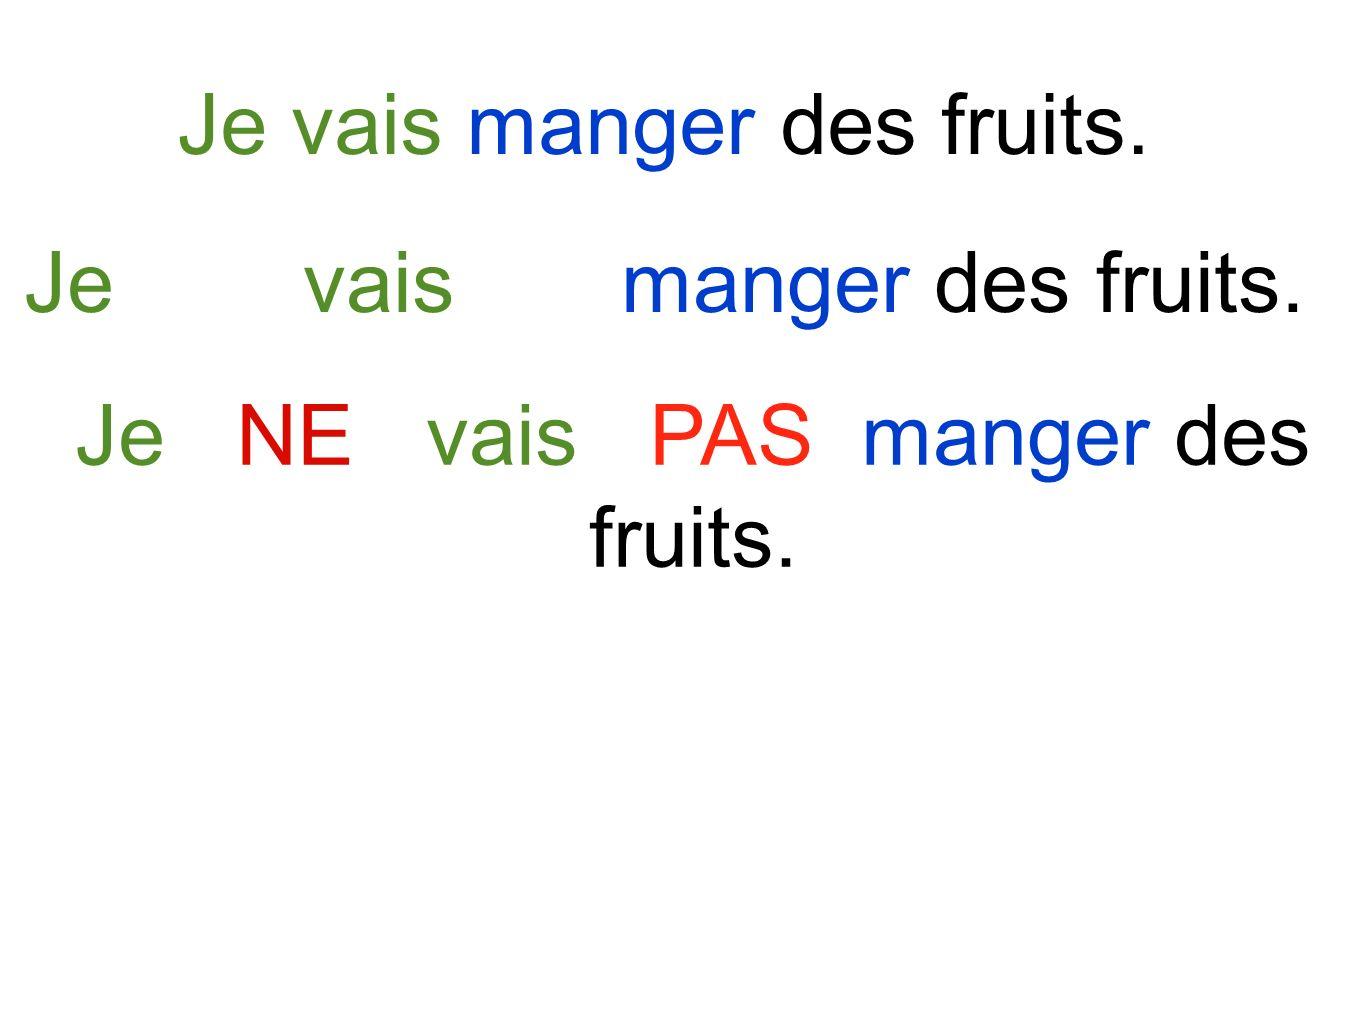 Je vais manger des fruits. Je NE vais PAS manger des fruits.